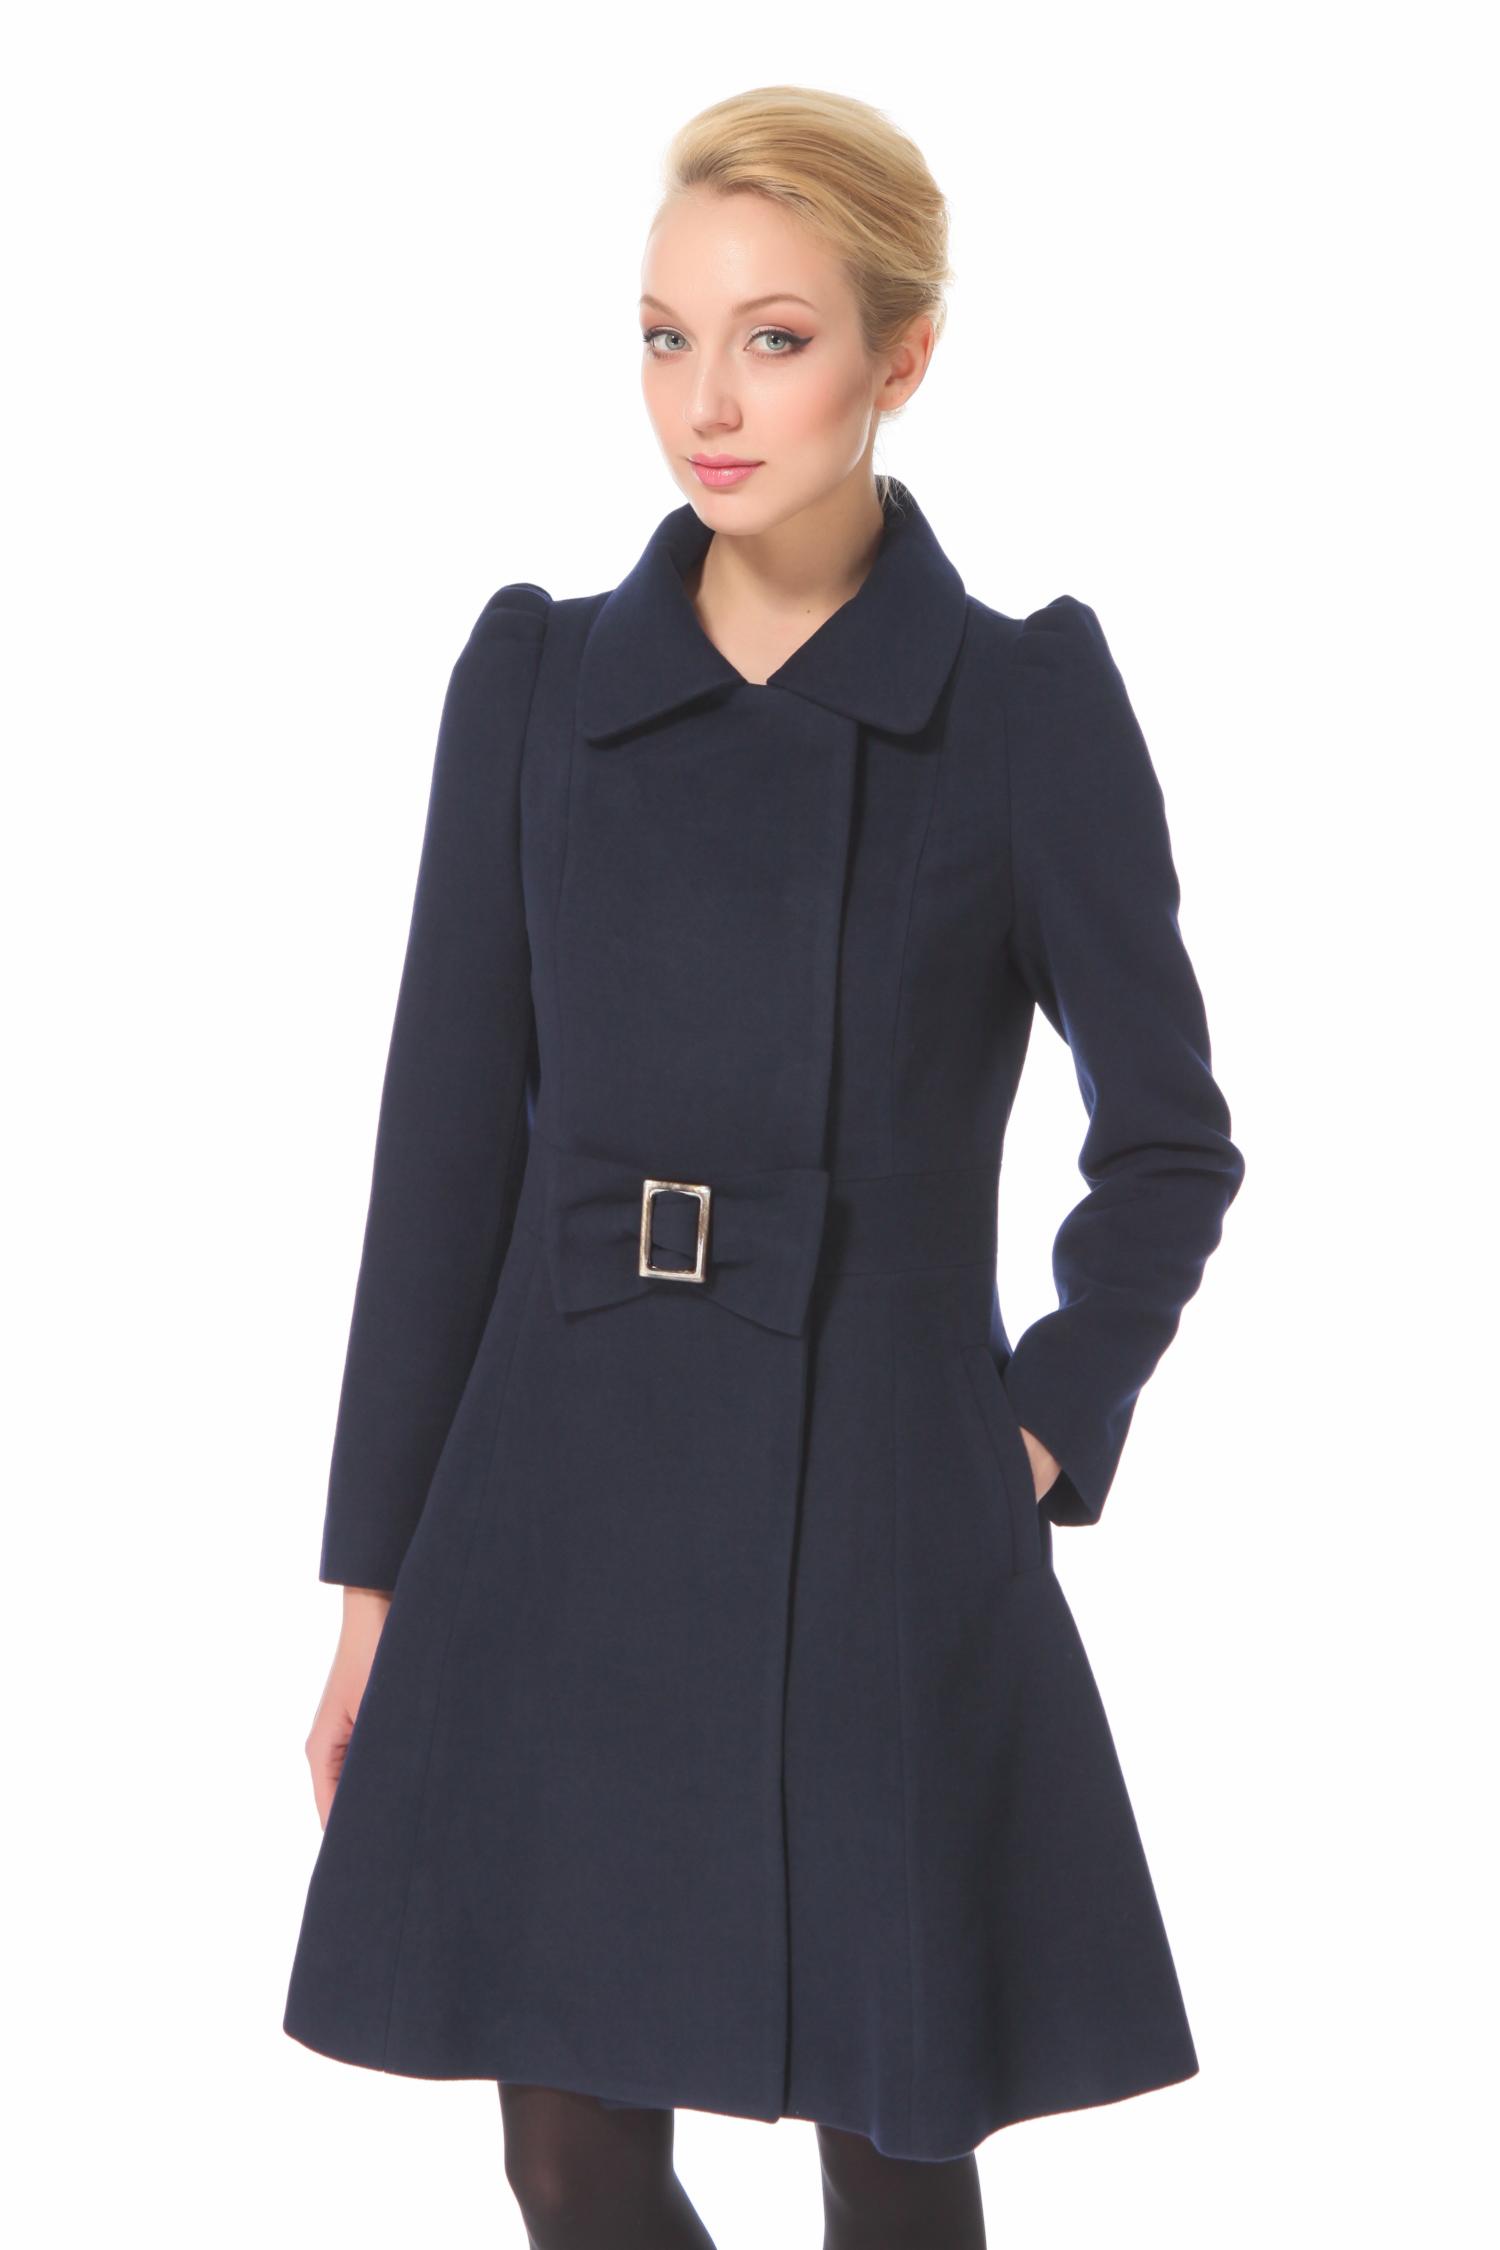 Женское пальто с воротником, без отделки<br><br>Воротник: Обычный<br>Длина см: 90<br>Материал: Кашемир<br>Цвет: Синий<br>Пол: Женский